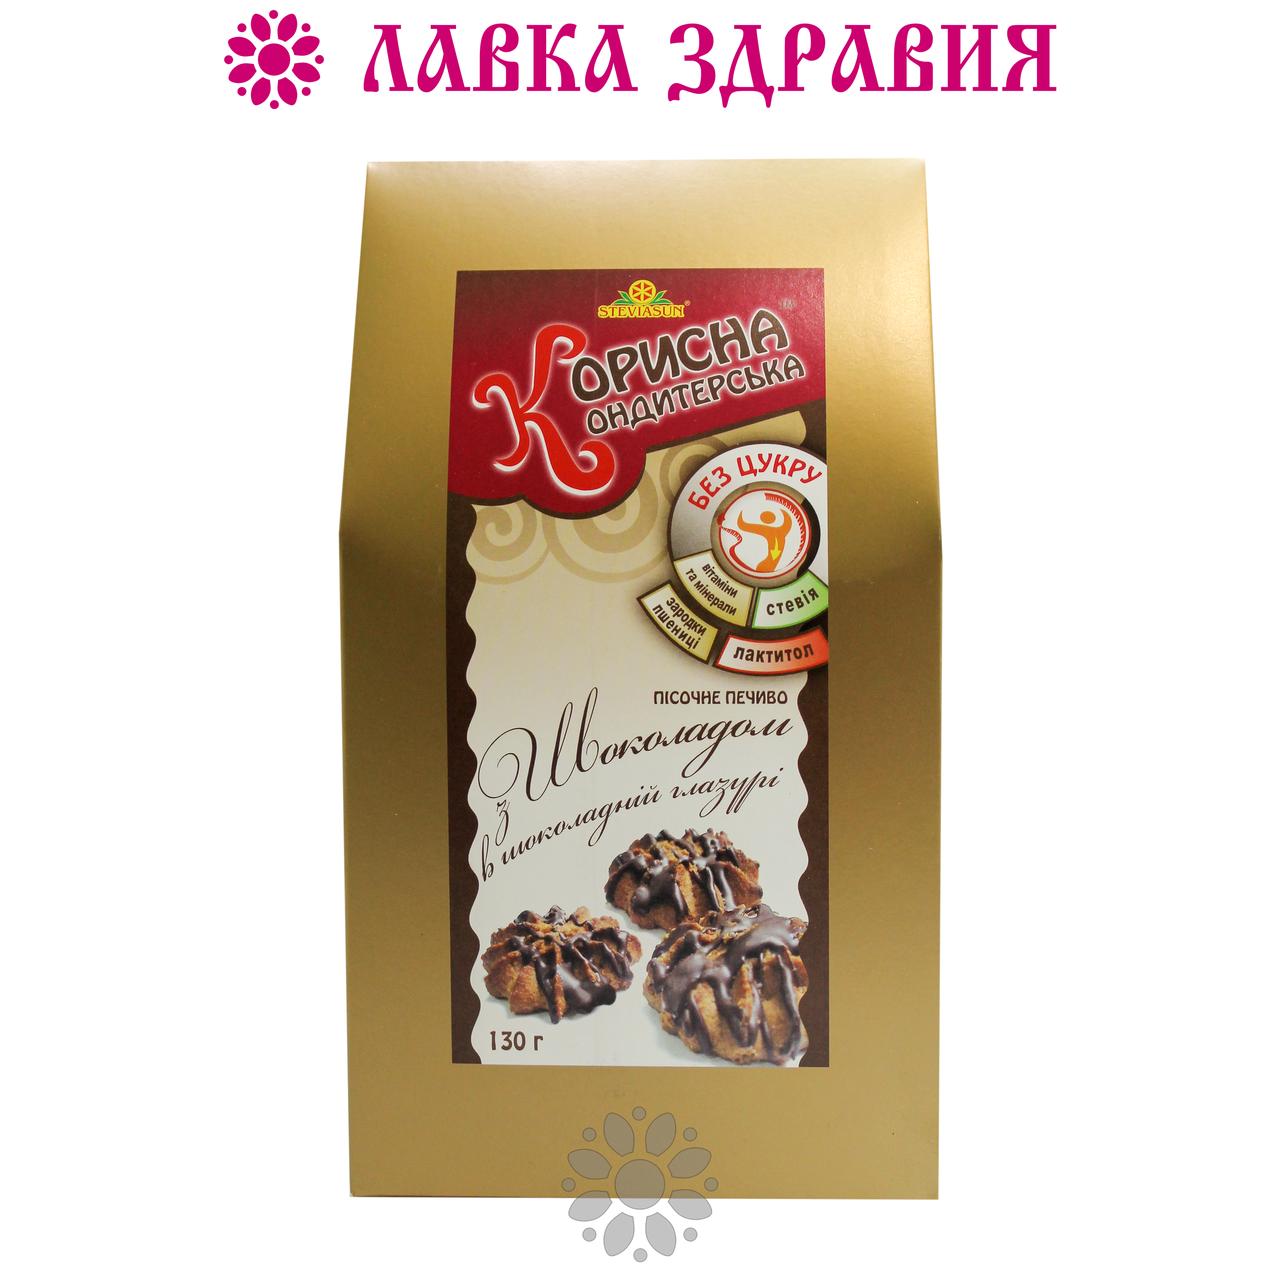 """Печенье """"Корисна Кондитерська с шоколадом в шоколадной глазури"""" со стевией (без сахара), 130 г"""